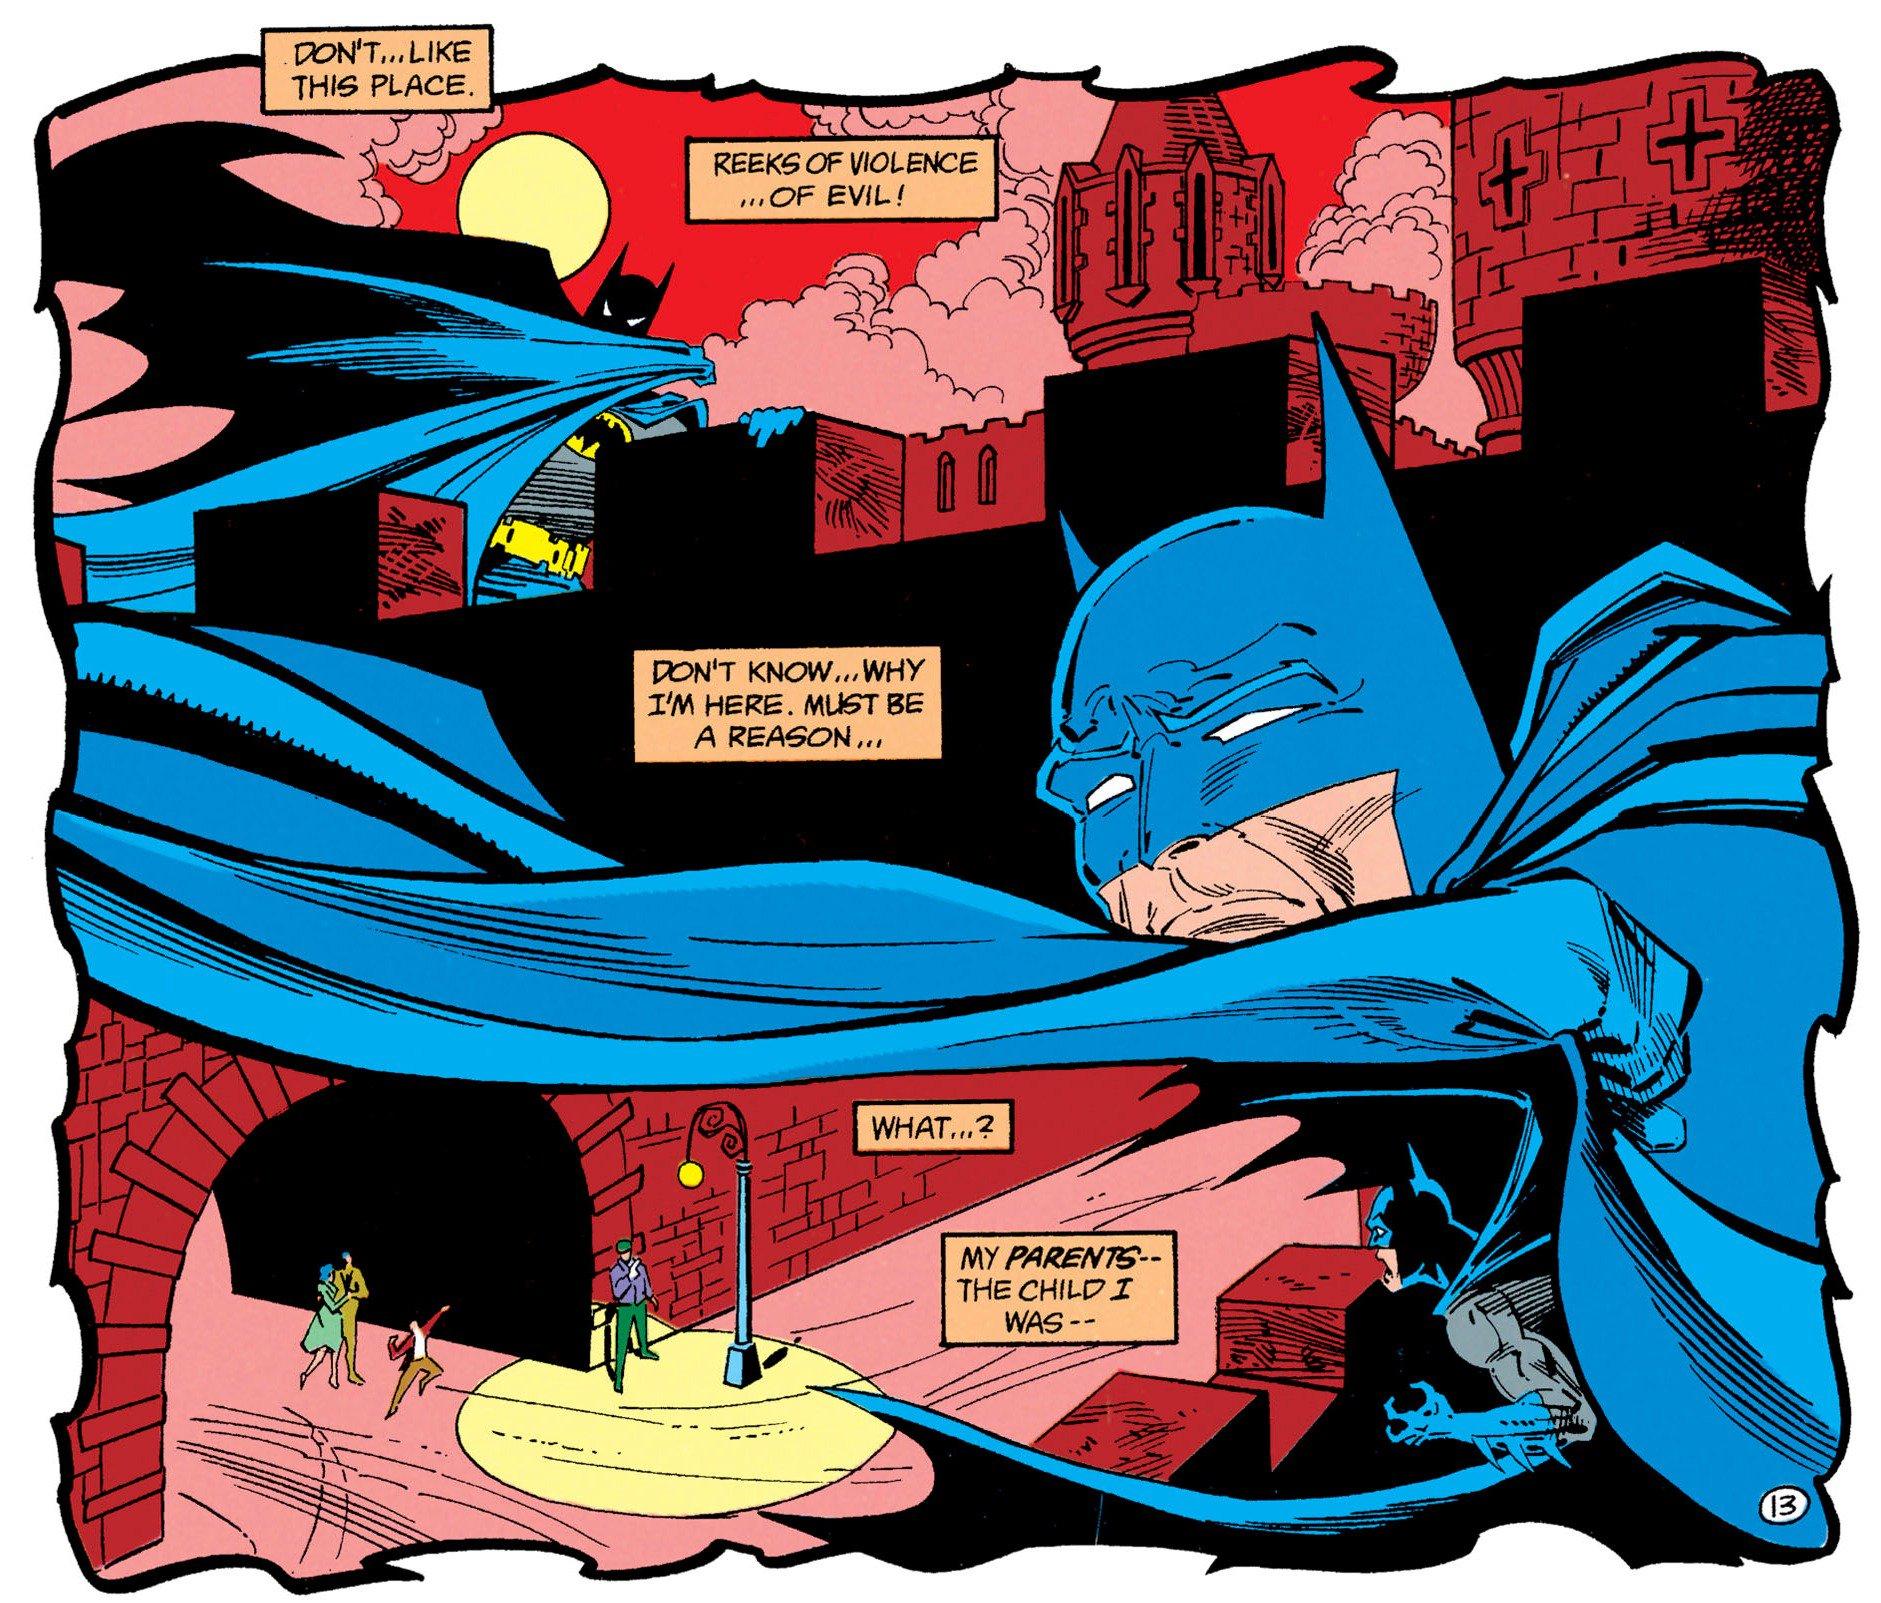 1989 Alan Grant Norm Breyfogle Detective Comics No.606